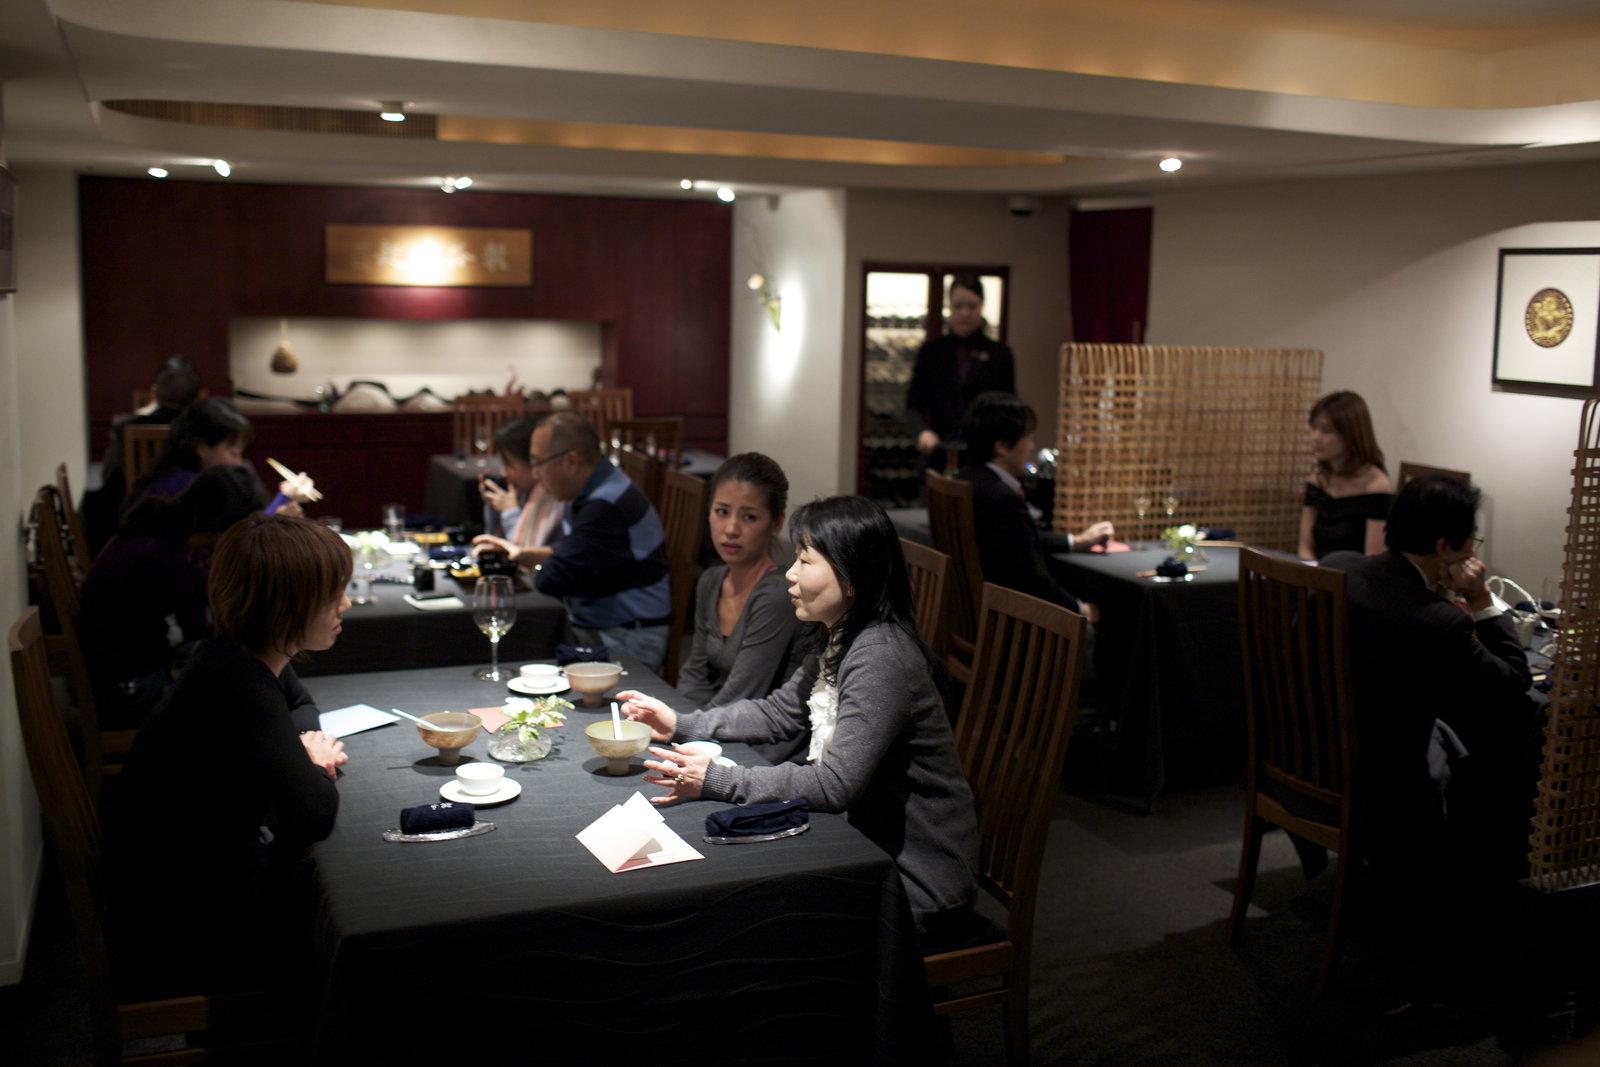 RyuGin - RyuGin dining room